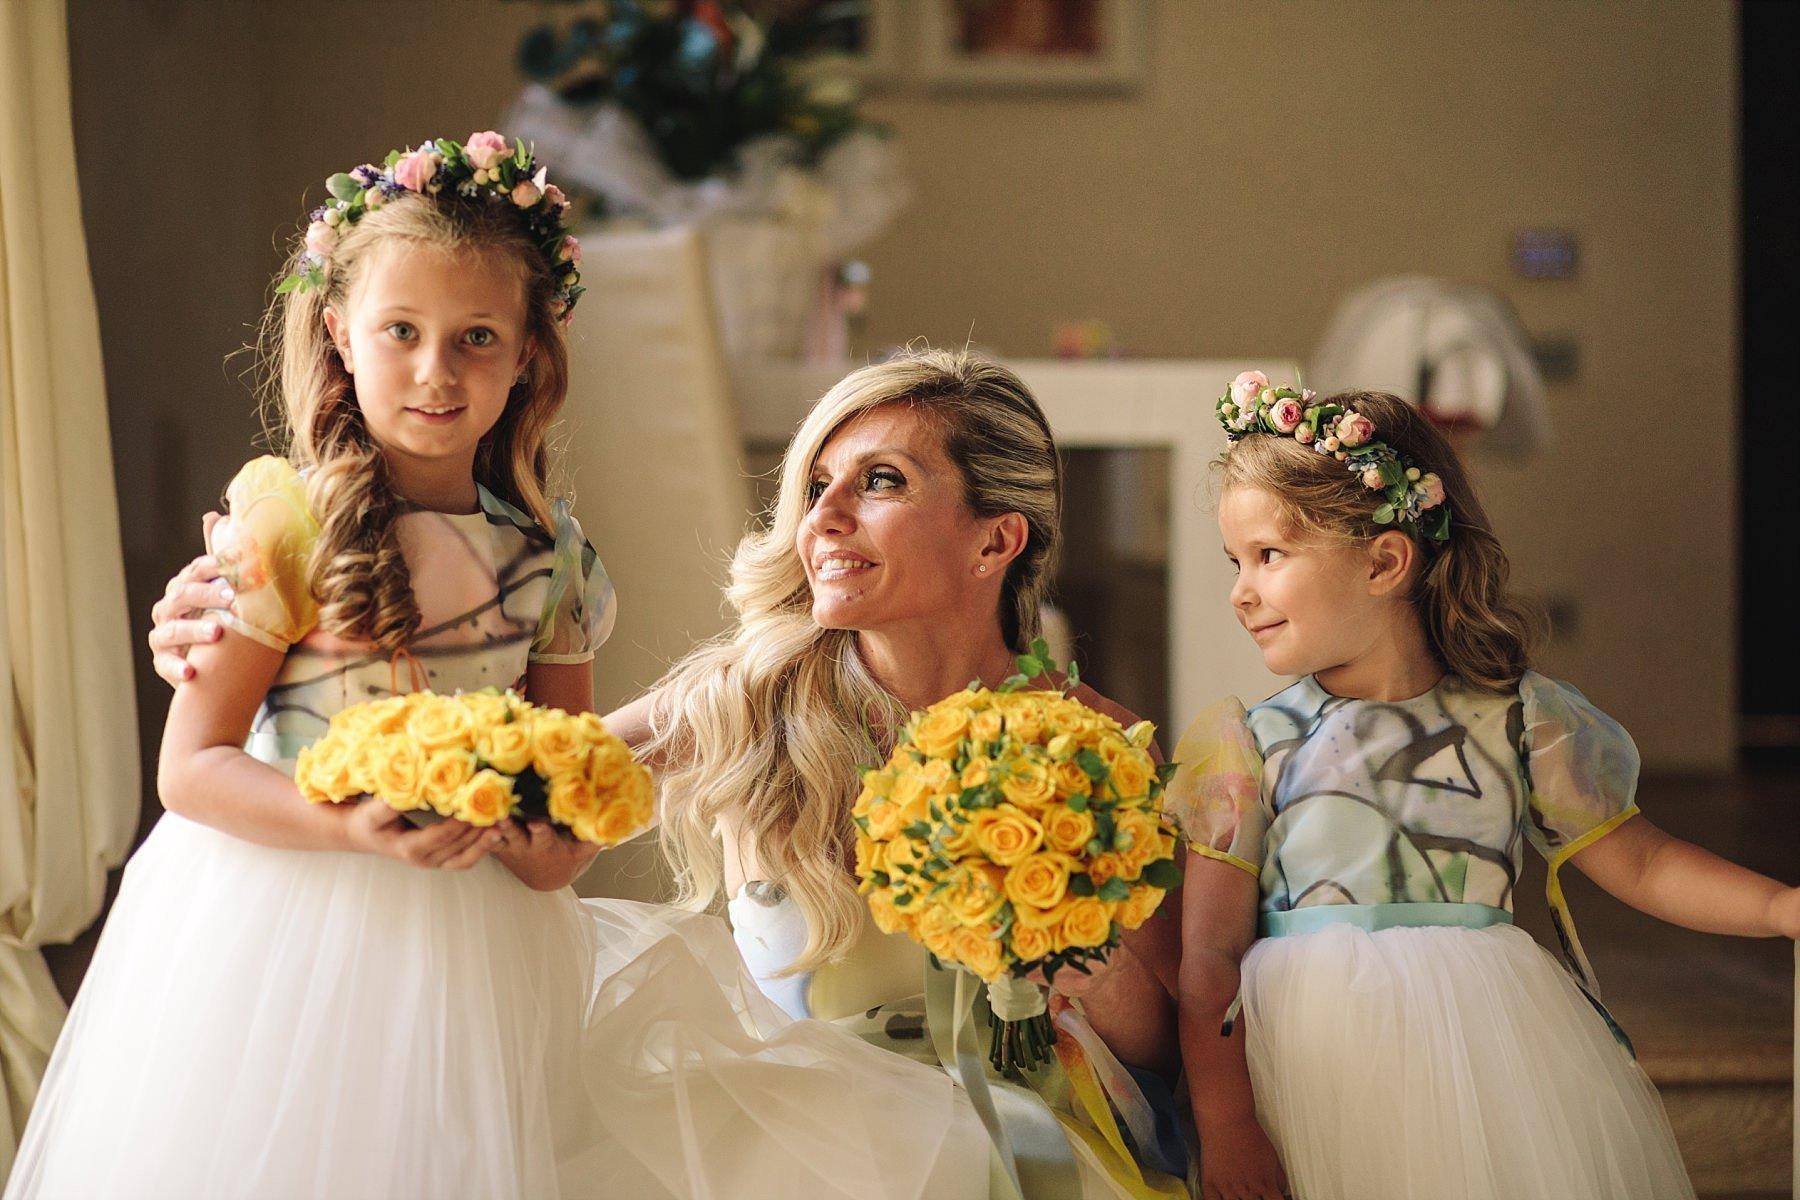 Dolce fotografia con la Sposa insieme alle sue Figlie con un bellissimo abito Atelier Emé